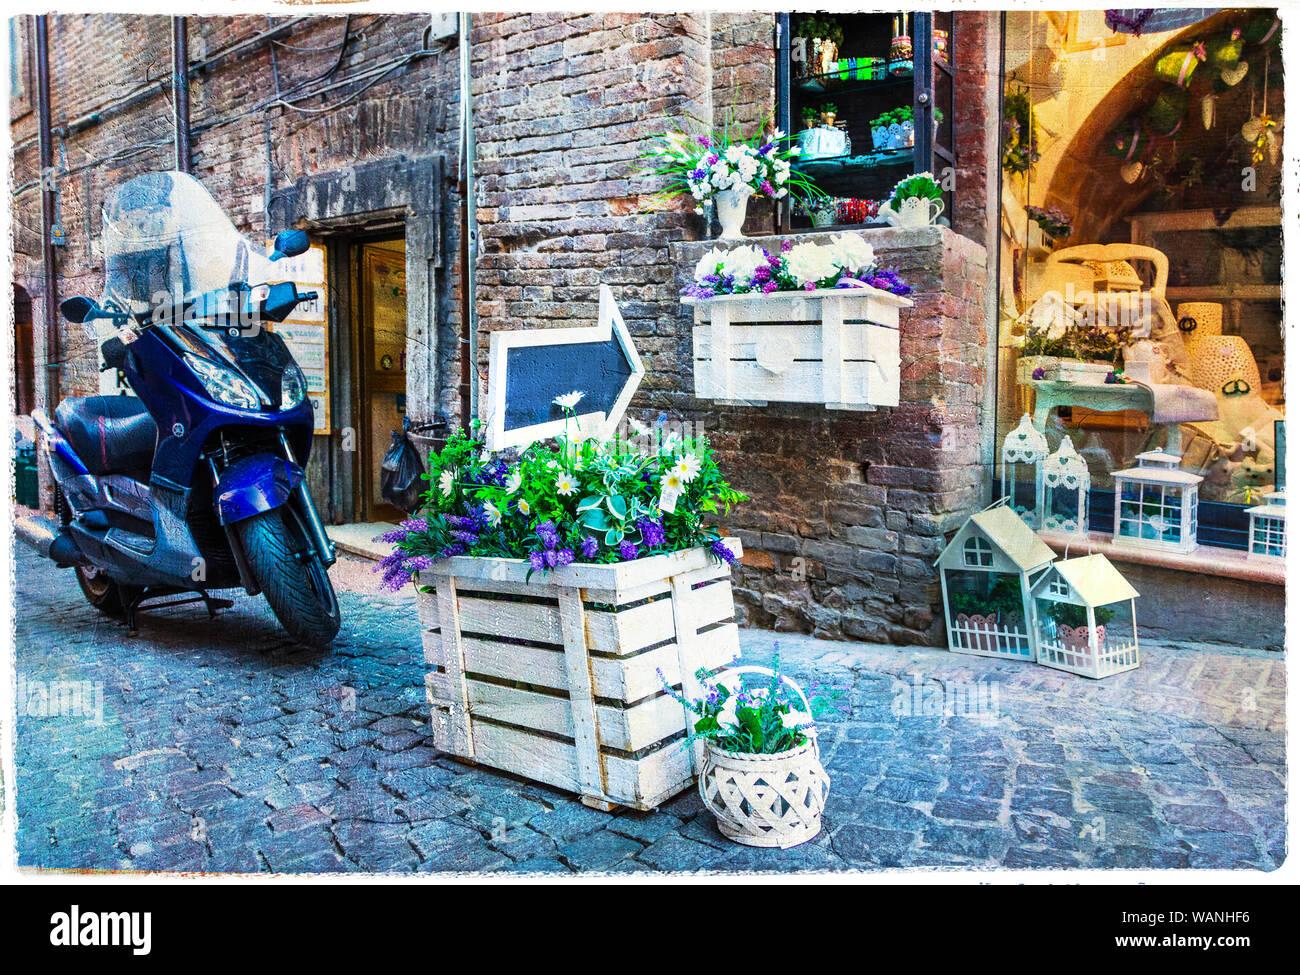 Vieilles rues d'Urbino Ville,Marche,Italie. Banque D'Images